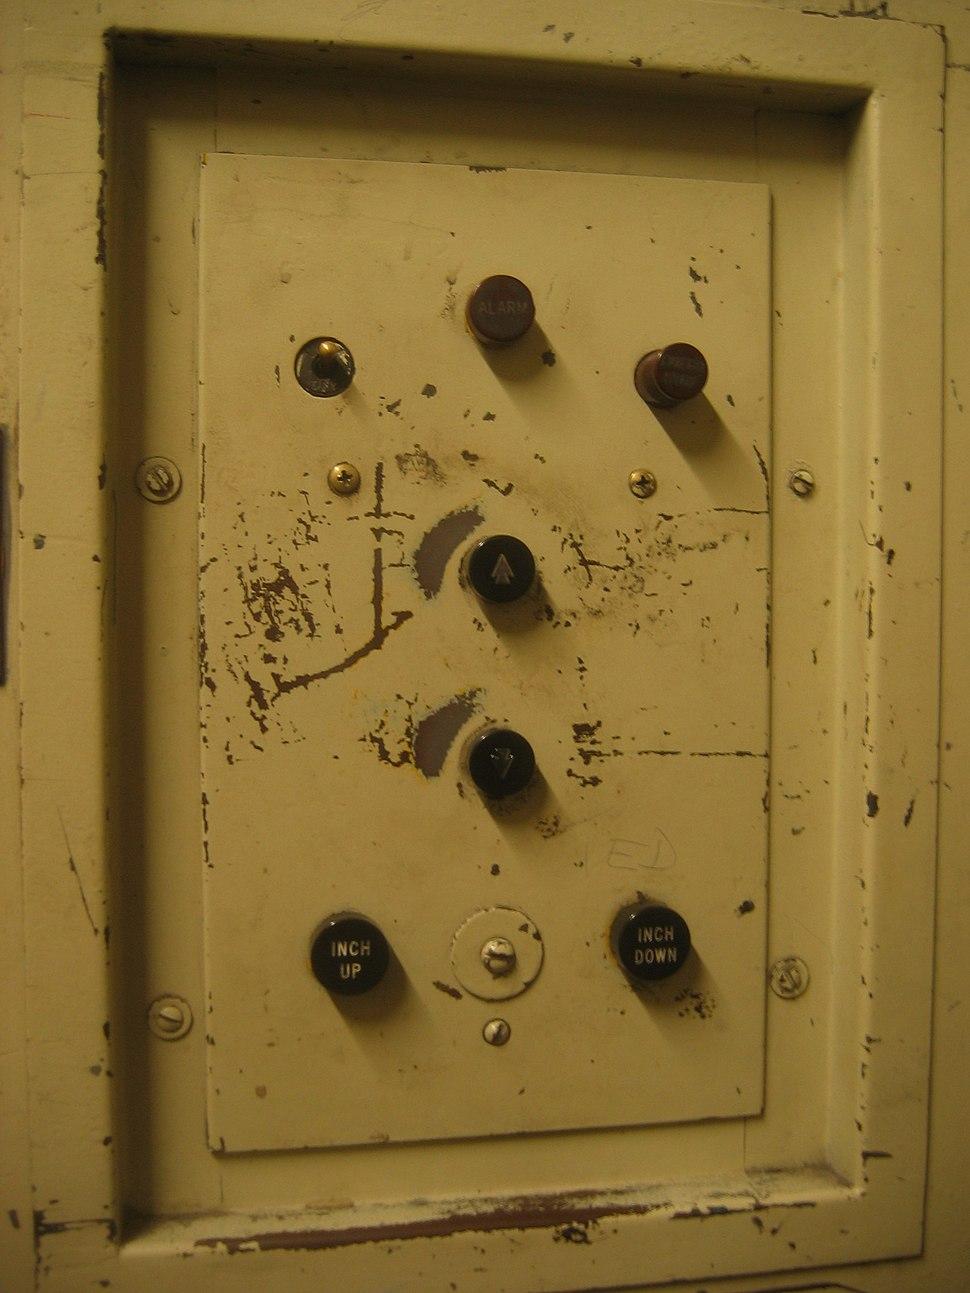 Mit-old-elevator-panel